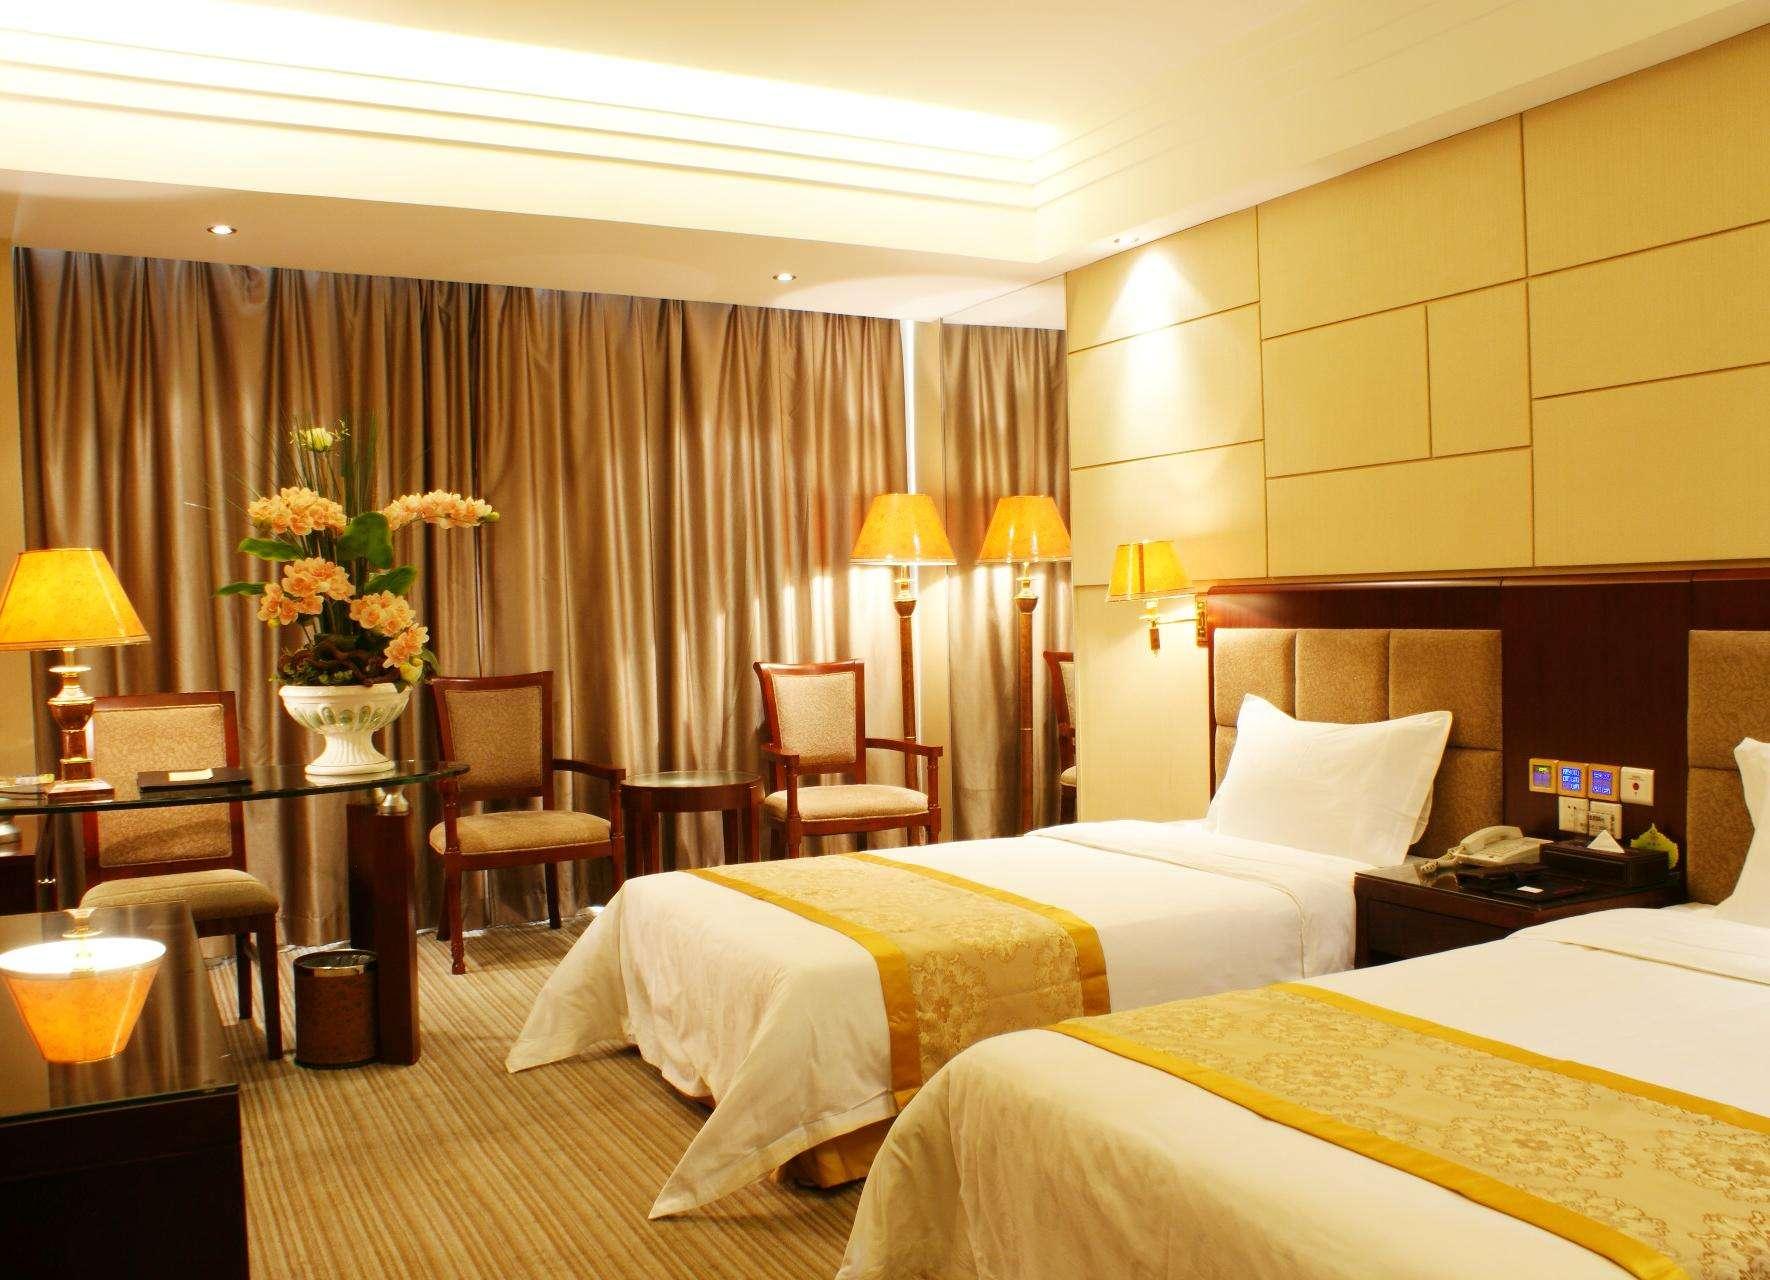 南县万豪酒店管理有限责任公司